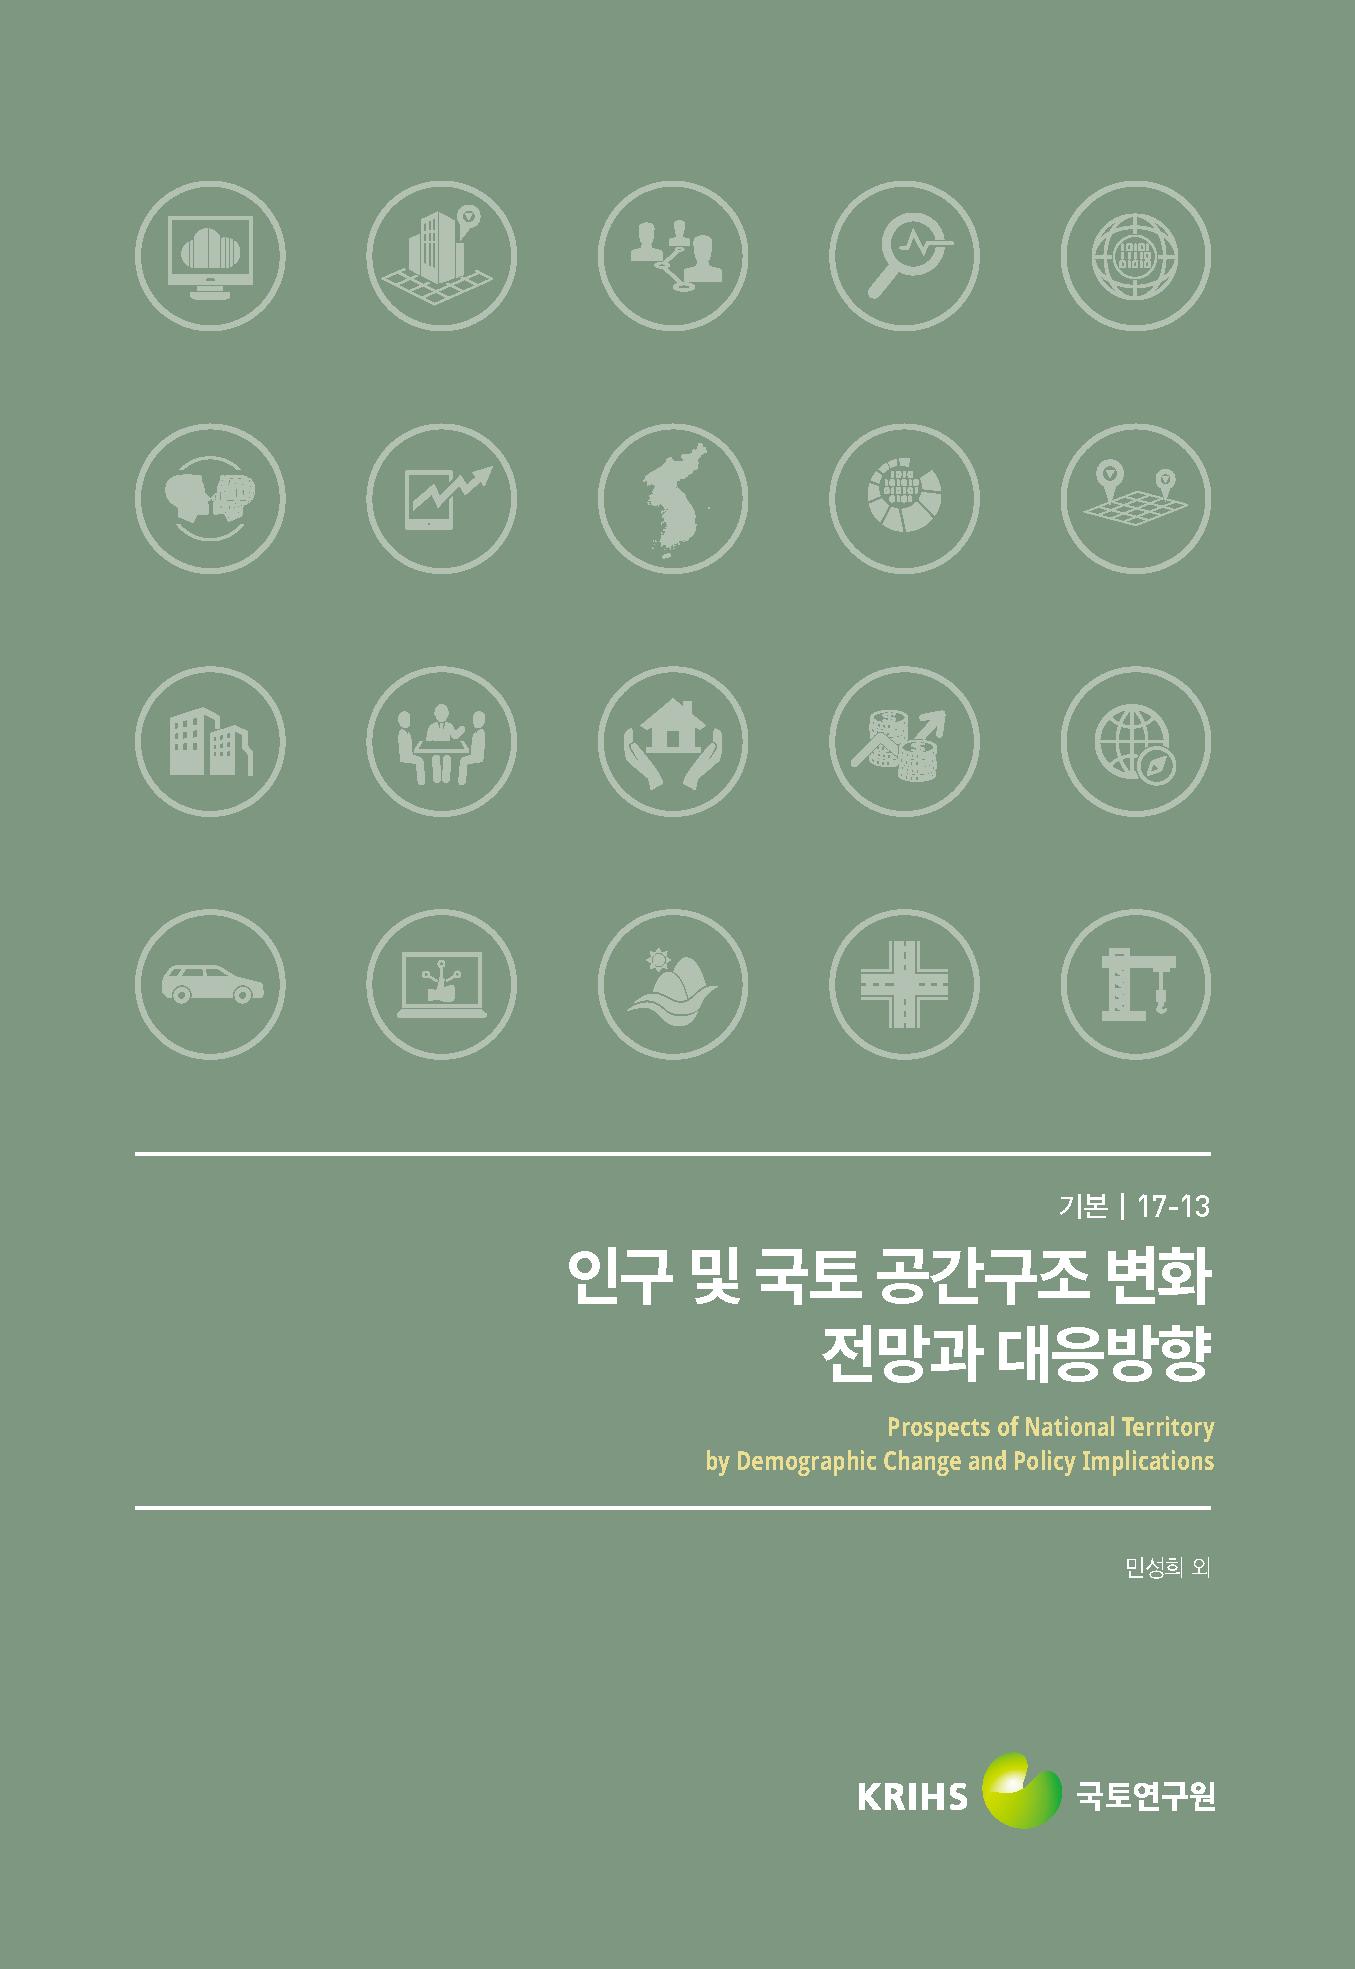 인구 및 국토 공간구조 변화 전망과 대응방향표지